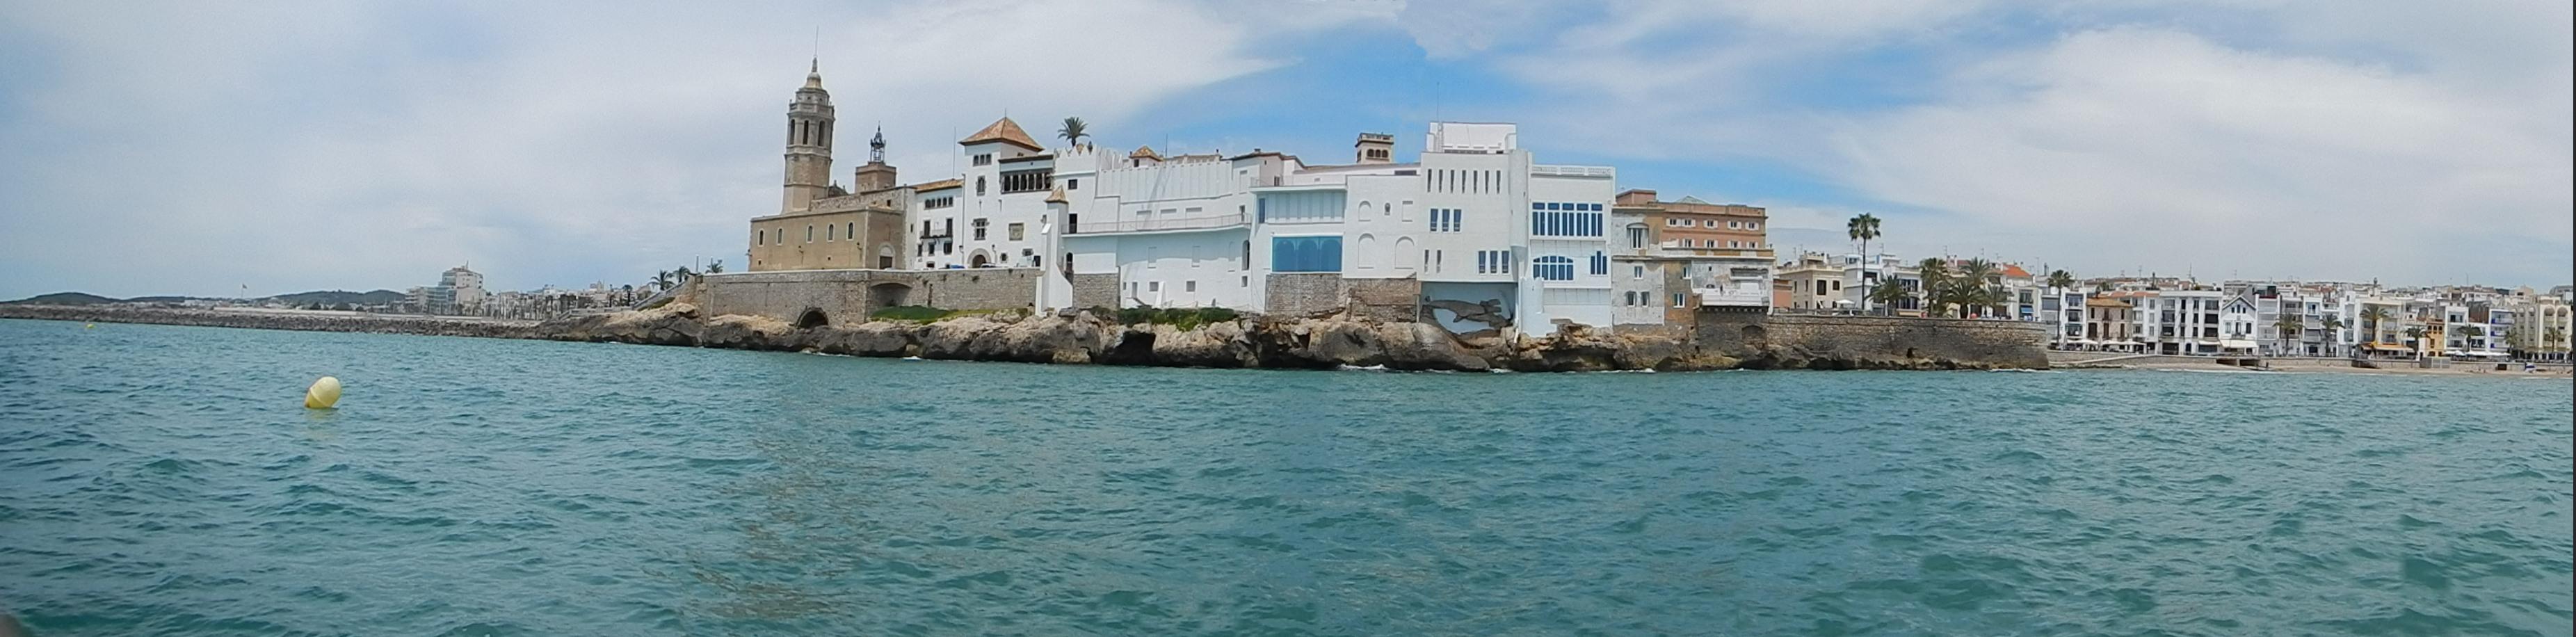 Museus de Sitges: el Blog